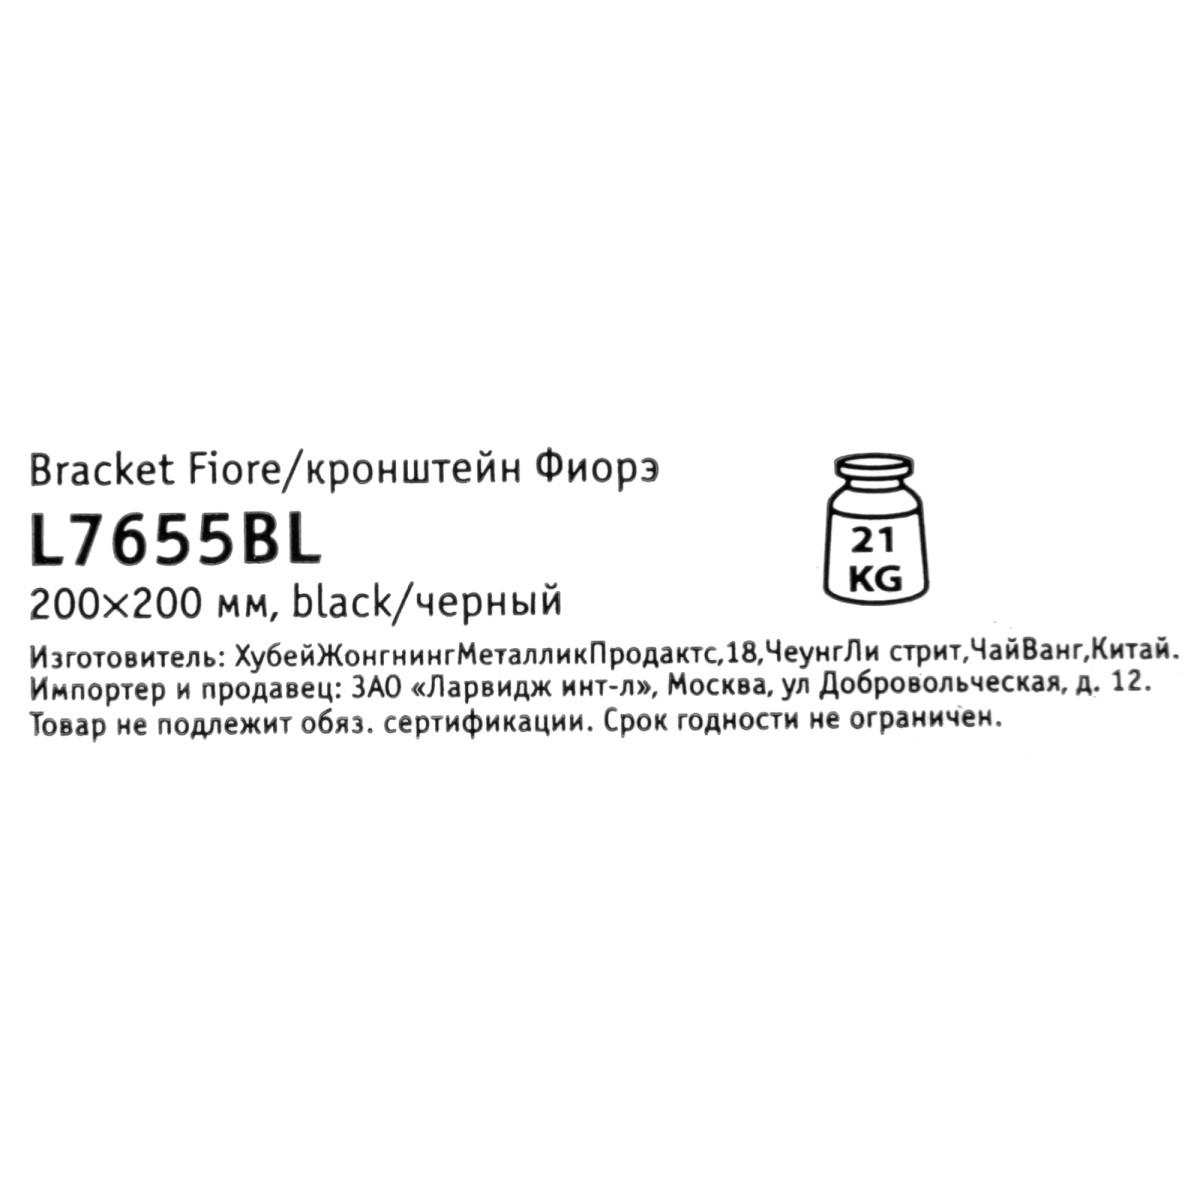 Кронейн Фиорэ 200x200 Цвет Черный